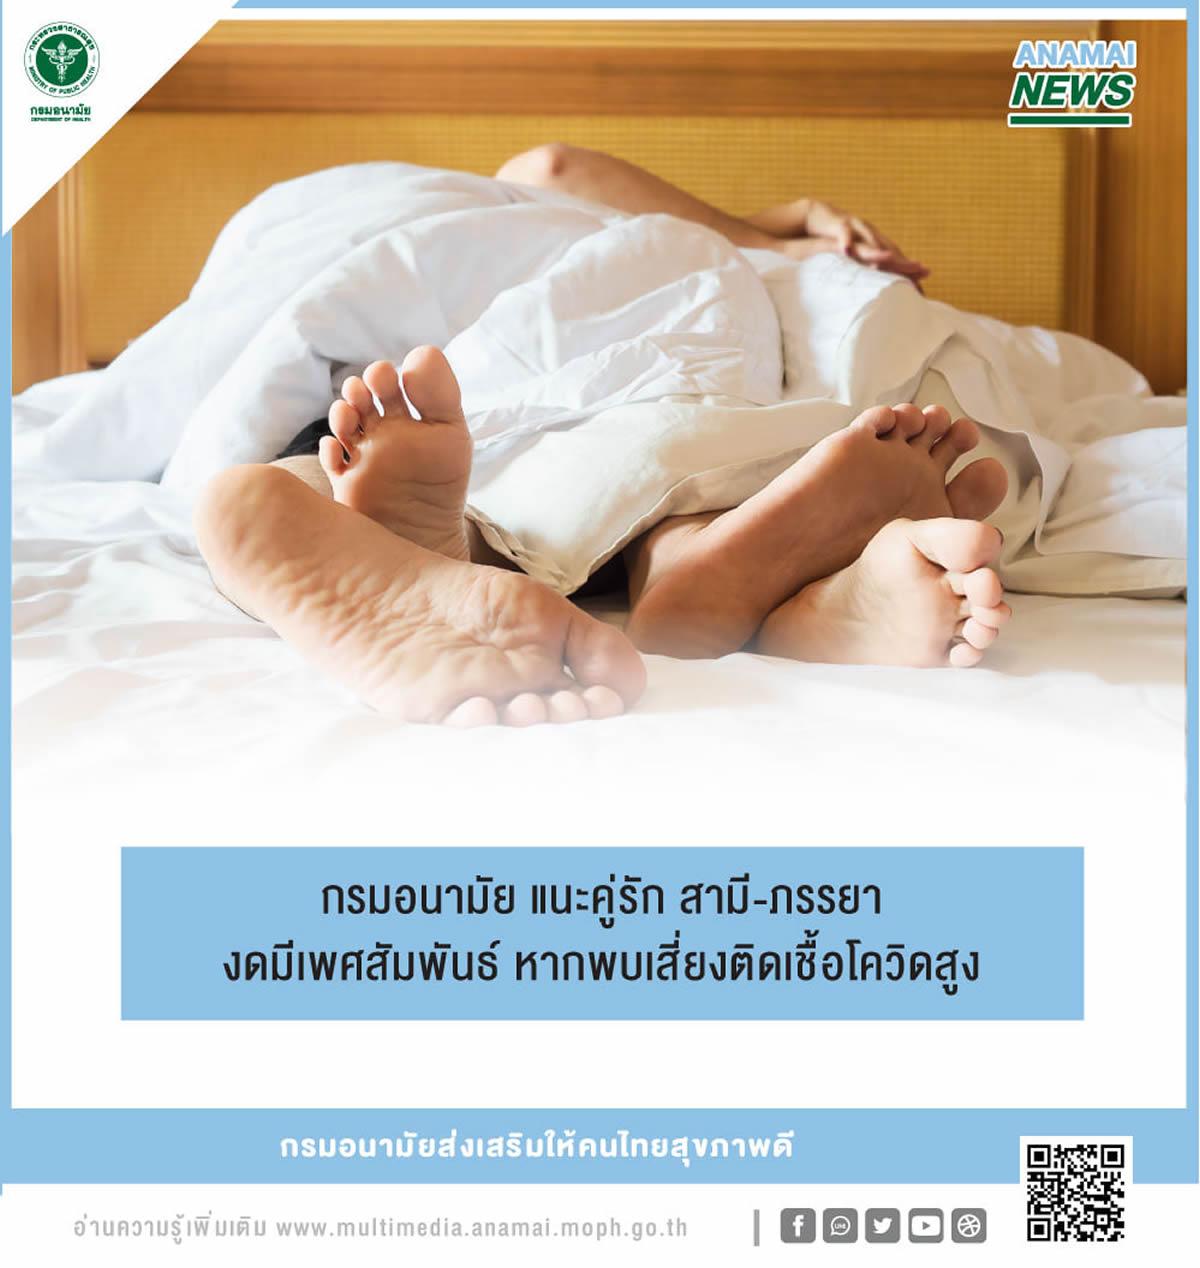 タイ保健省「新型コロナ対策のためセックスは控えて」と呼びかけ